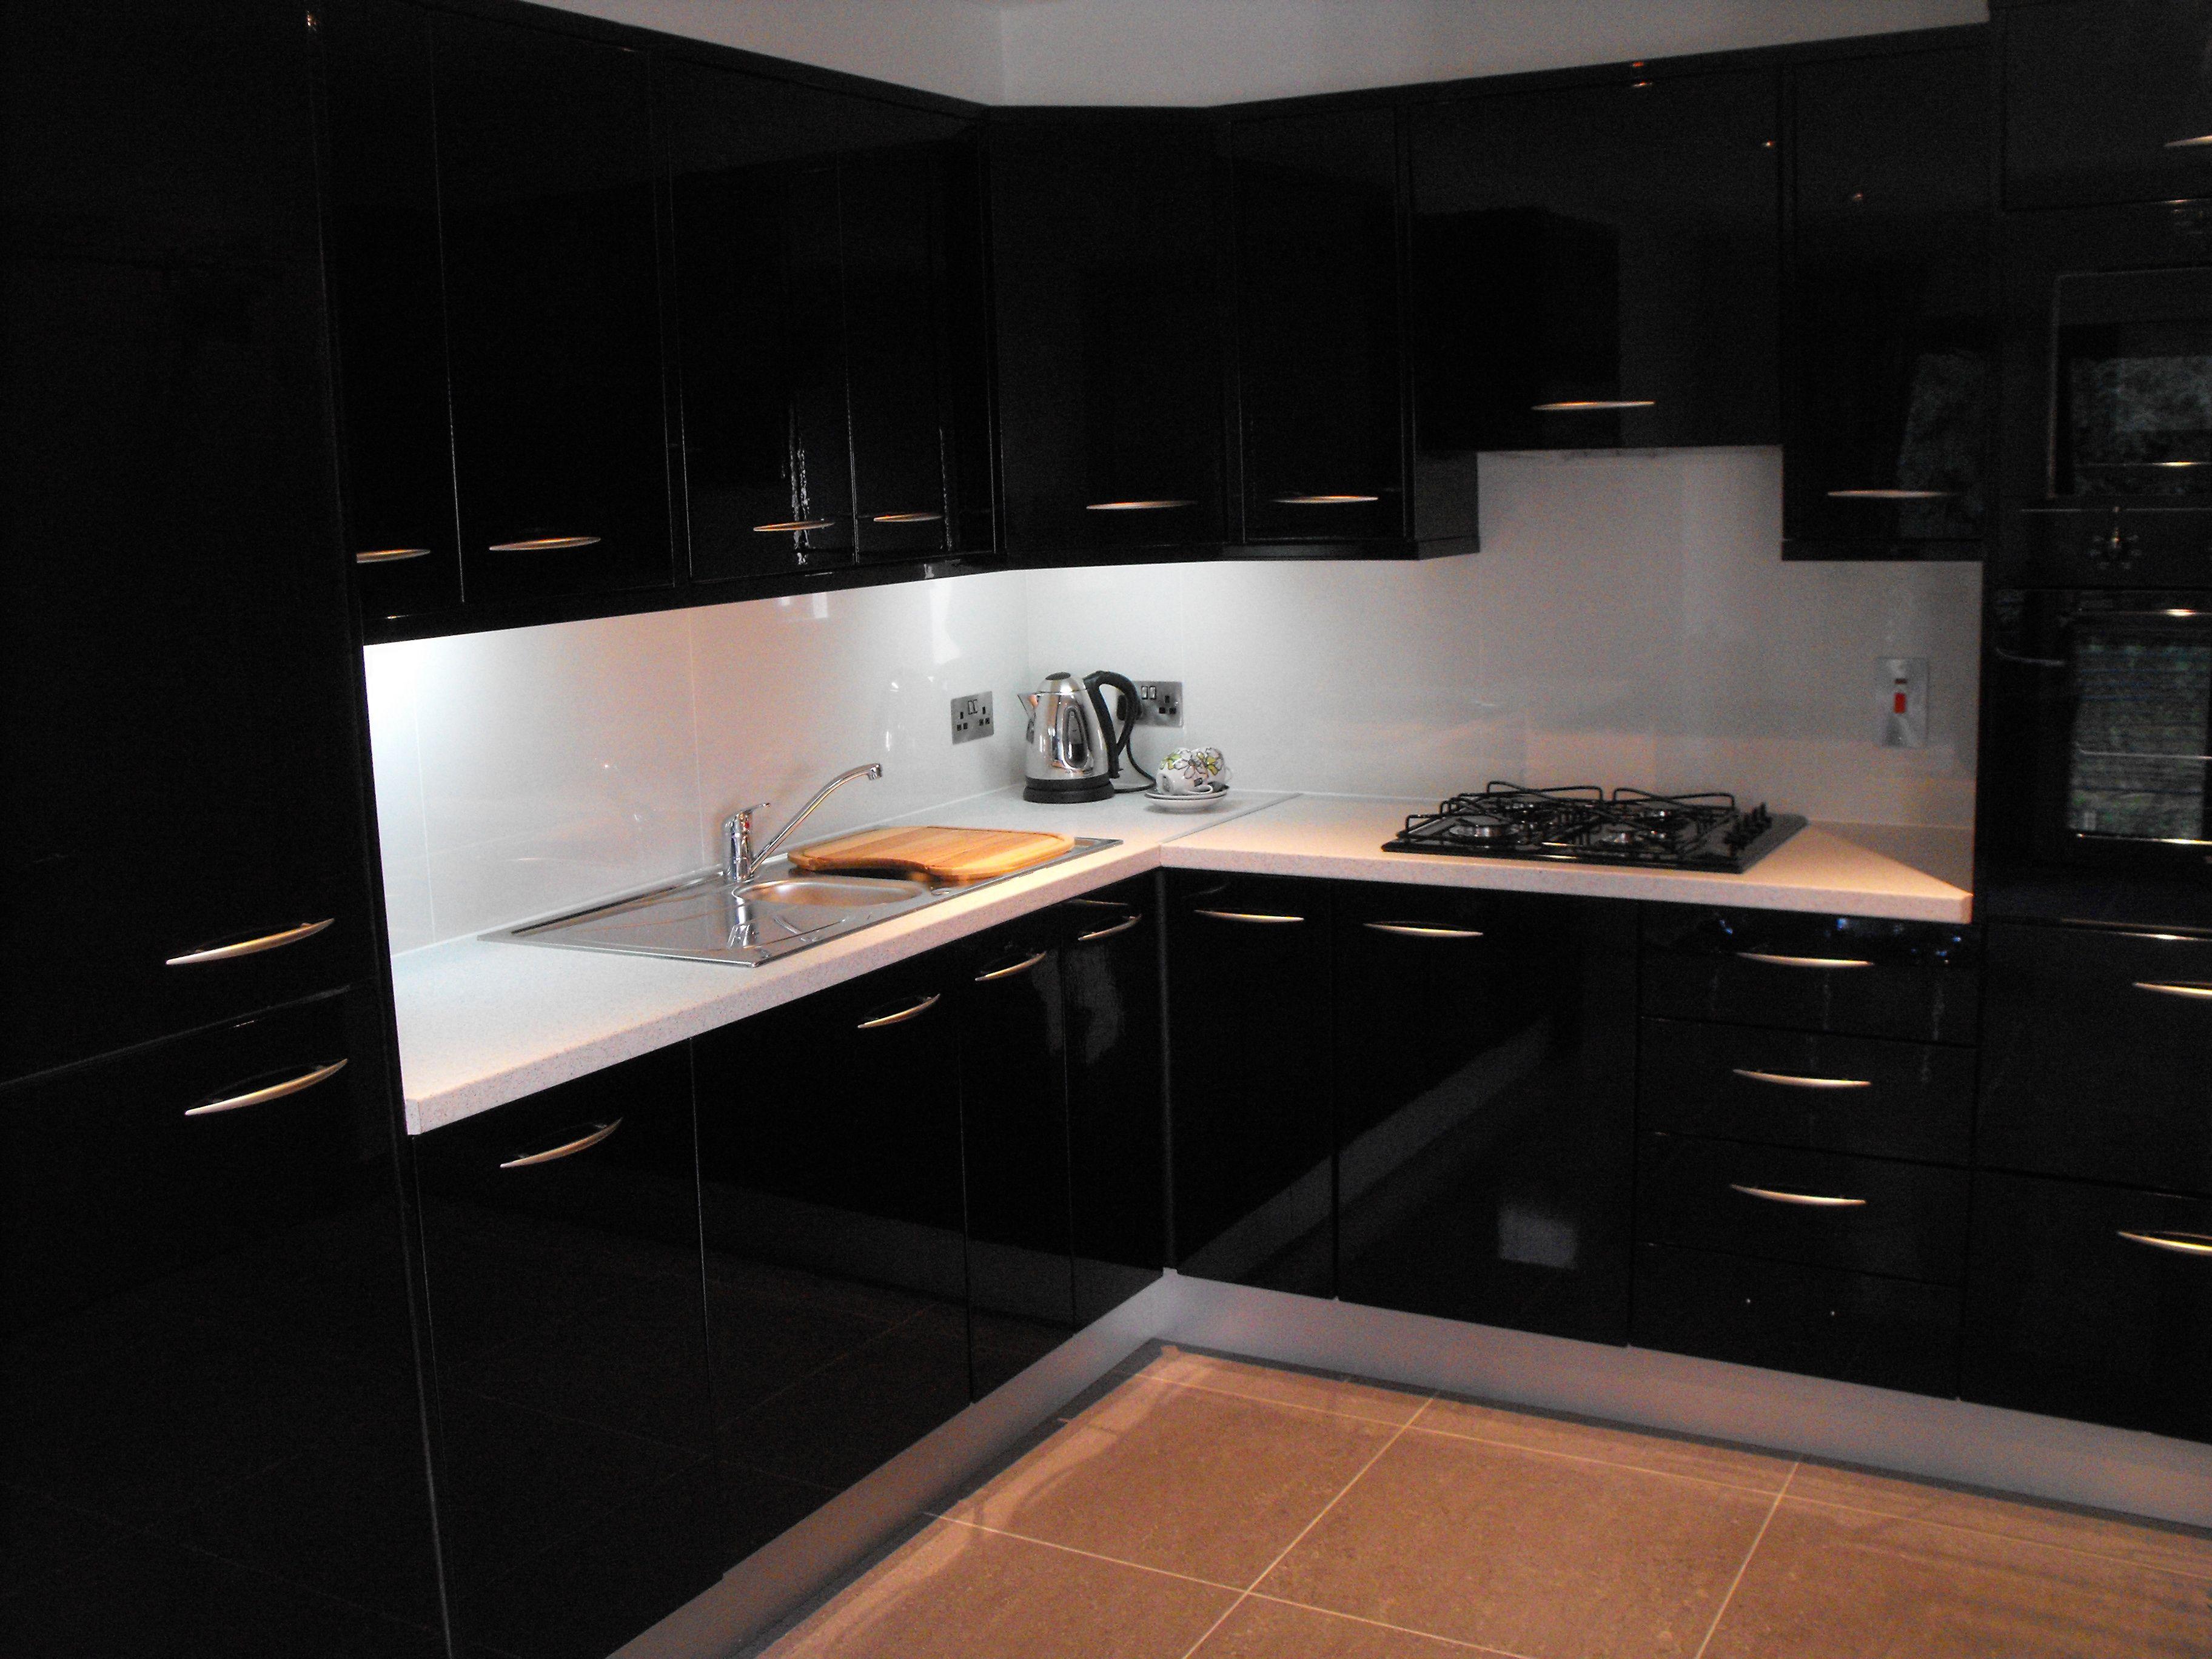 Black High Gloss Kitchen Kitchen Design Gloss Kitchen Cabinets Black Gloss Kitchen